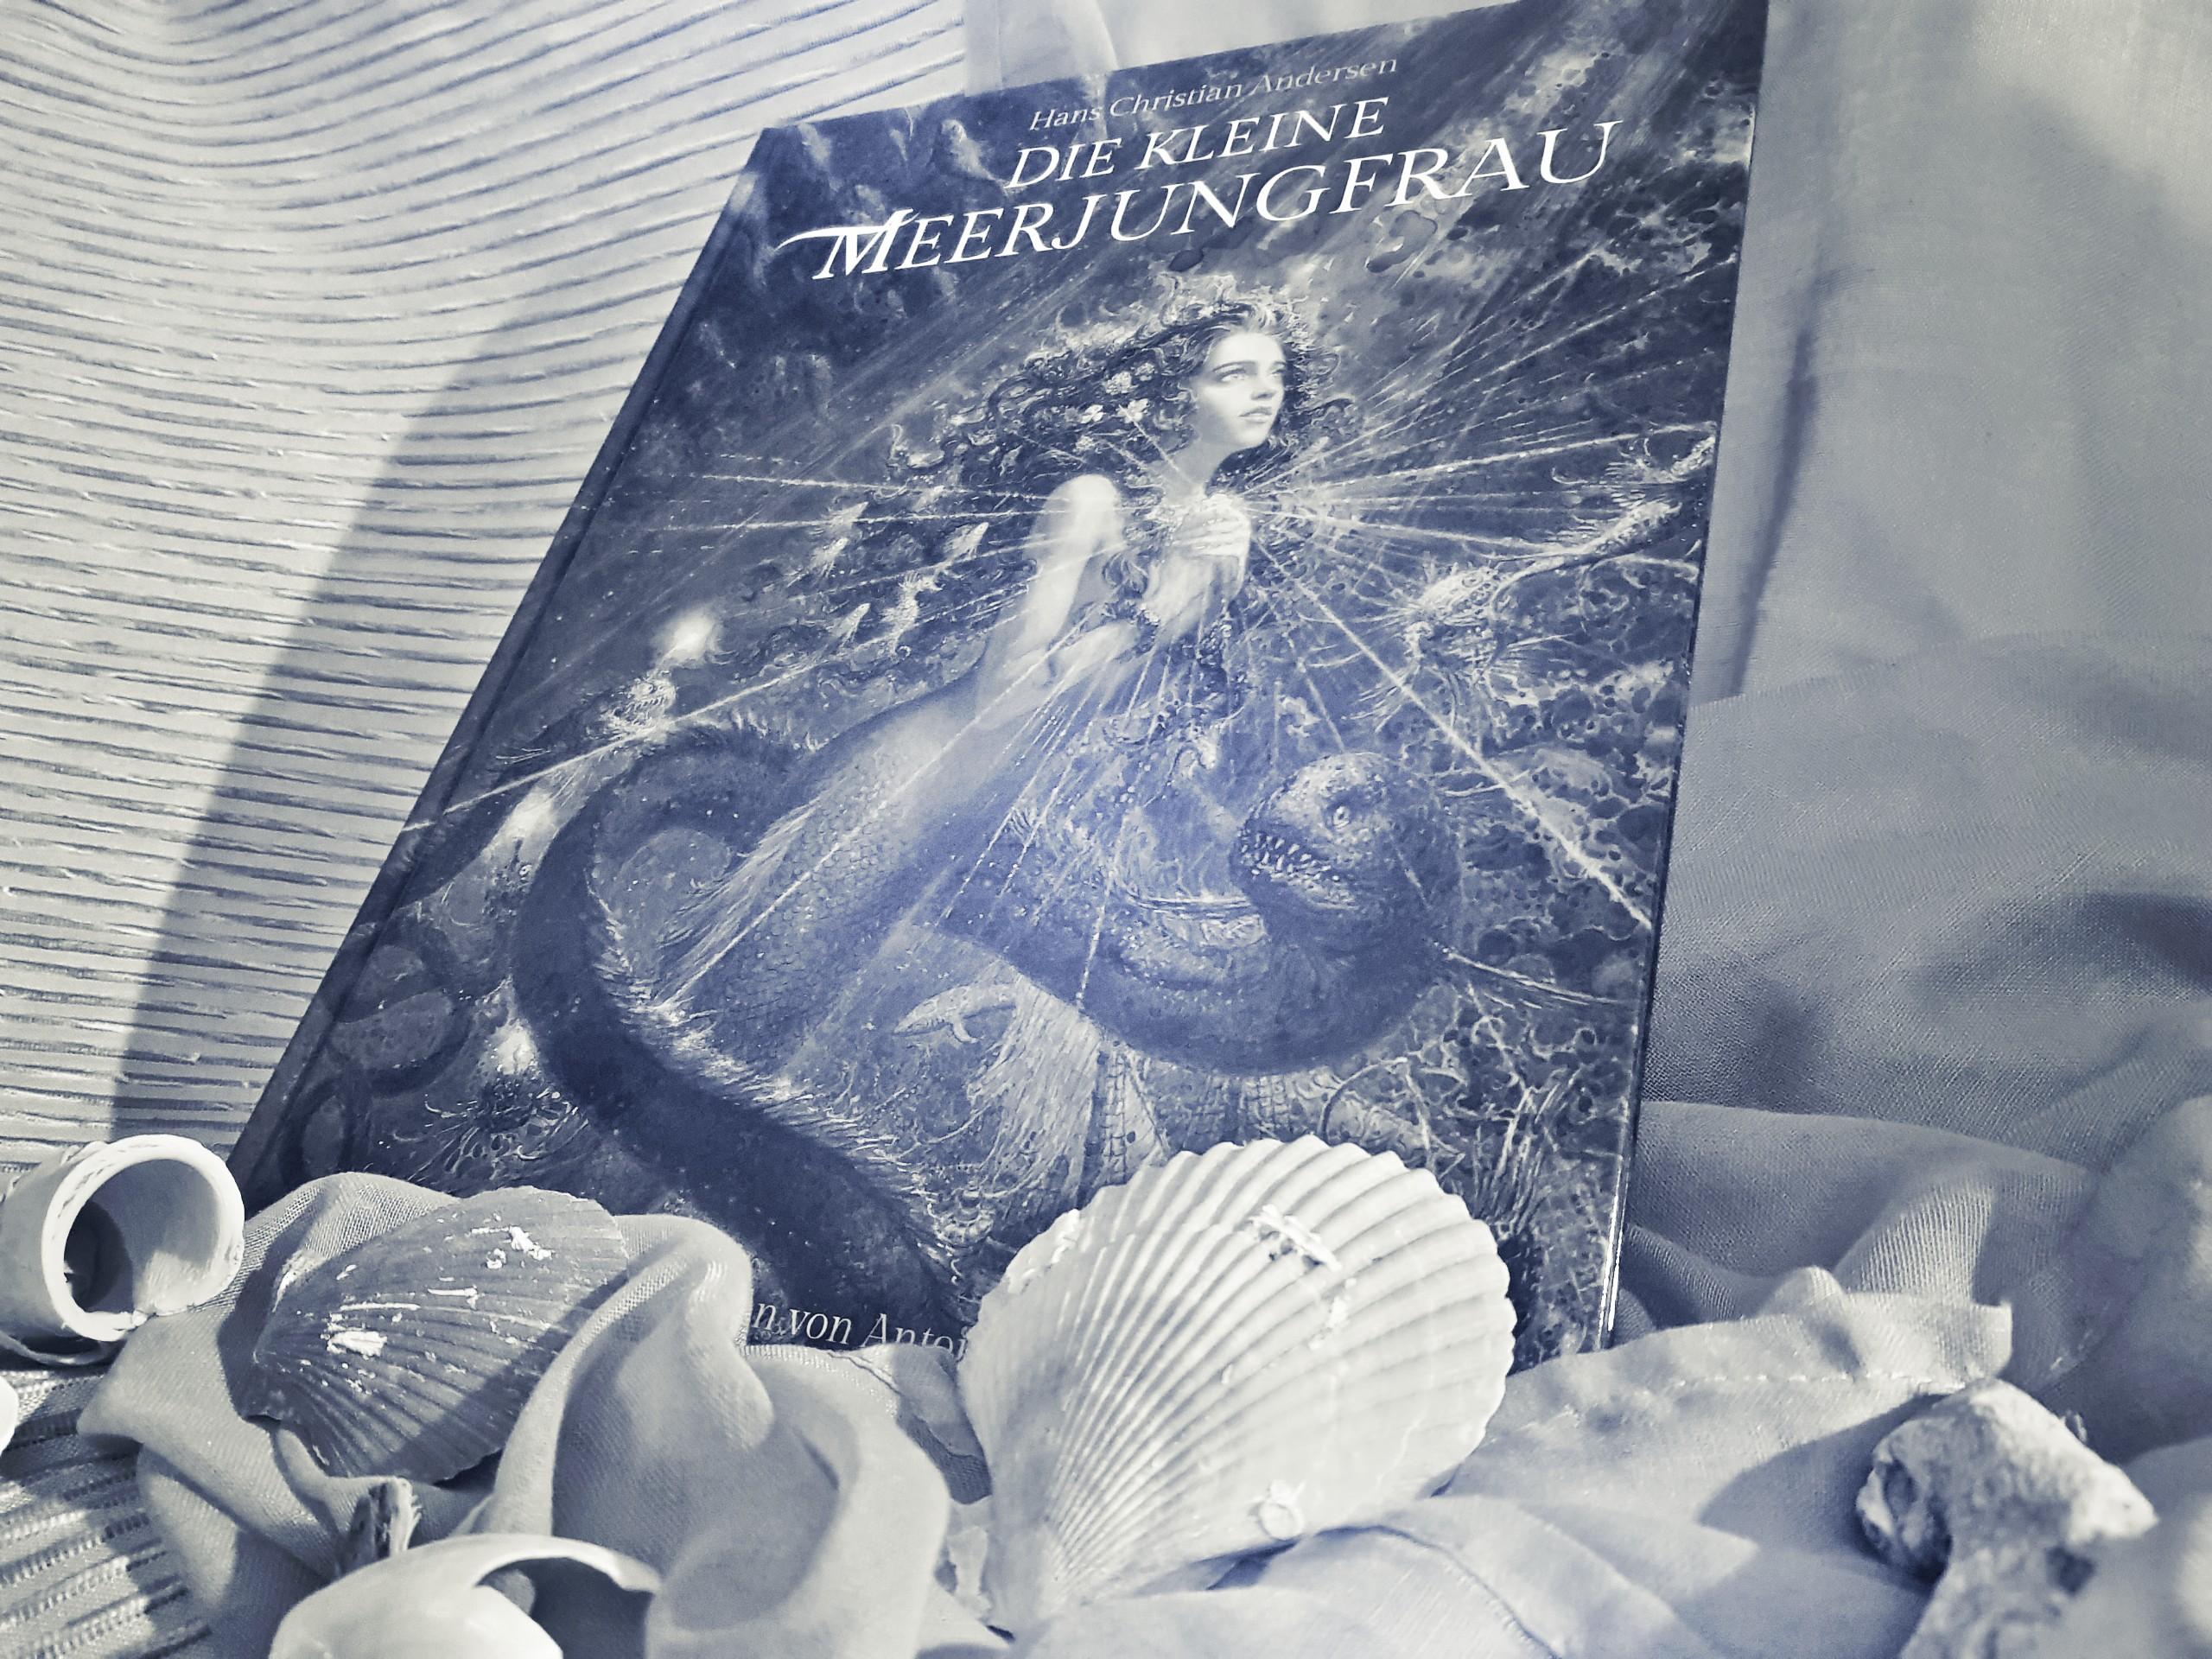 [Vorgelesen] Hans Christian Andersen – Die Kleine Meerjungfrau